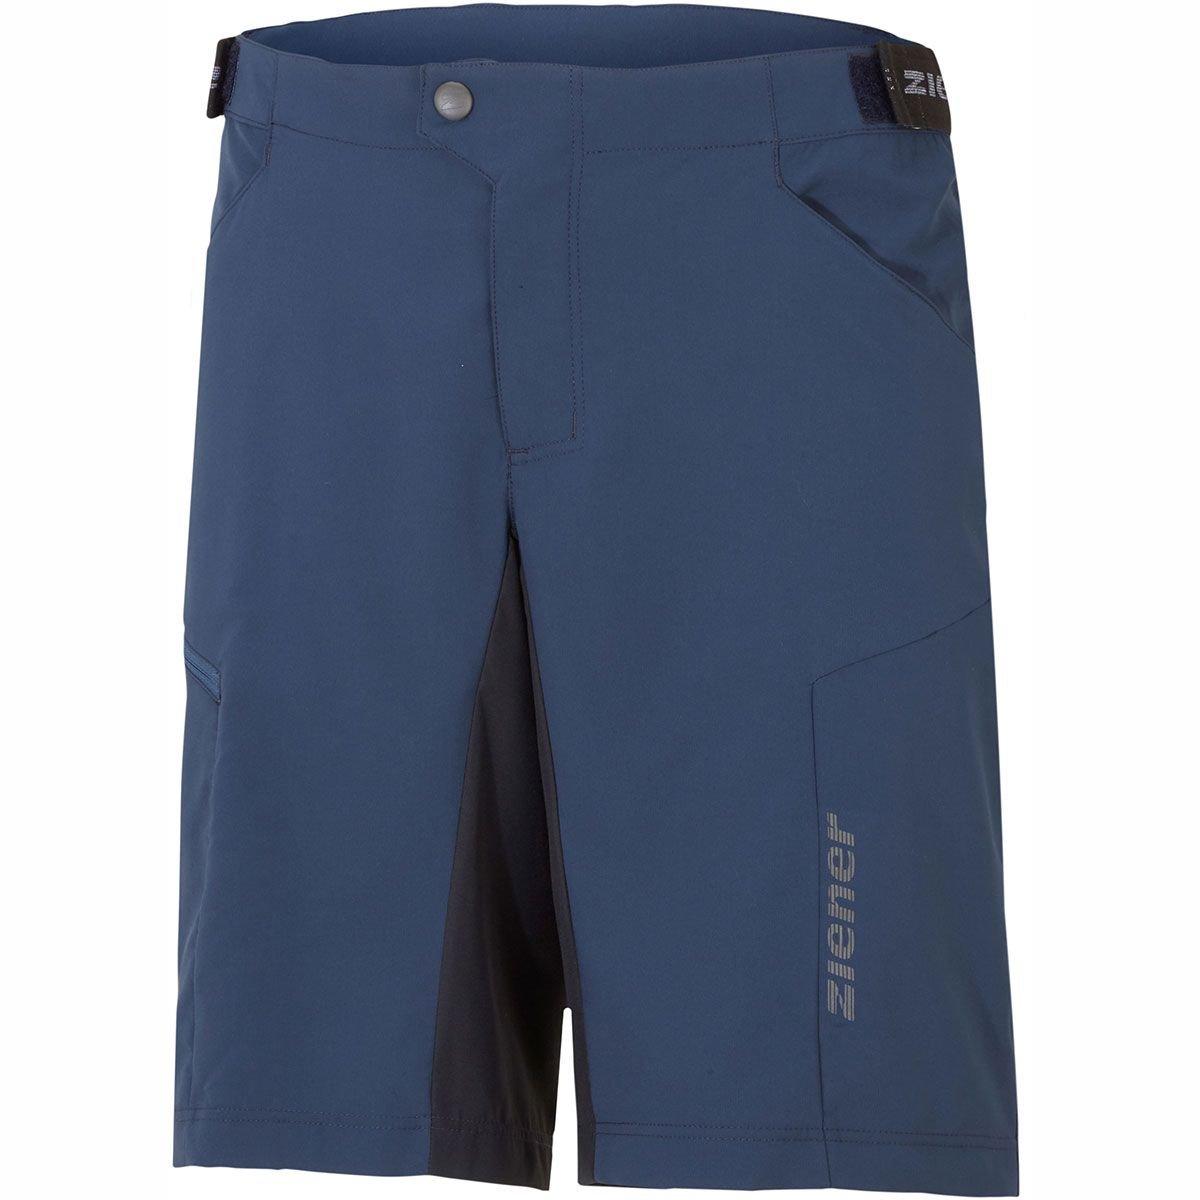 Ziener Herren Cang X-Function Shorts Radhose Bike Shorts